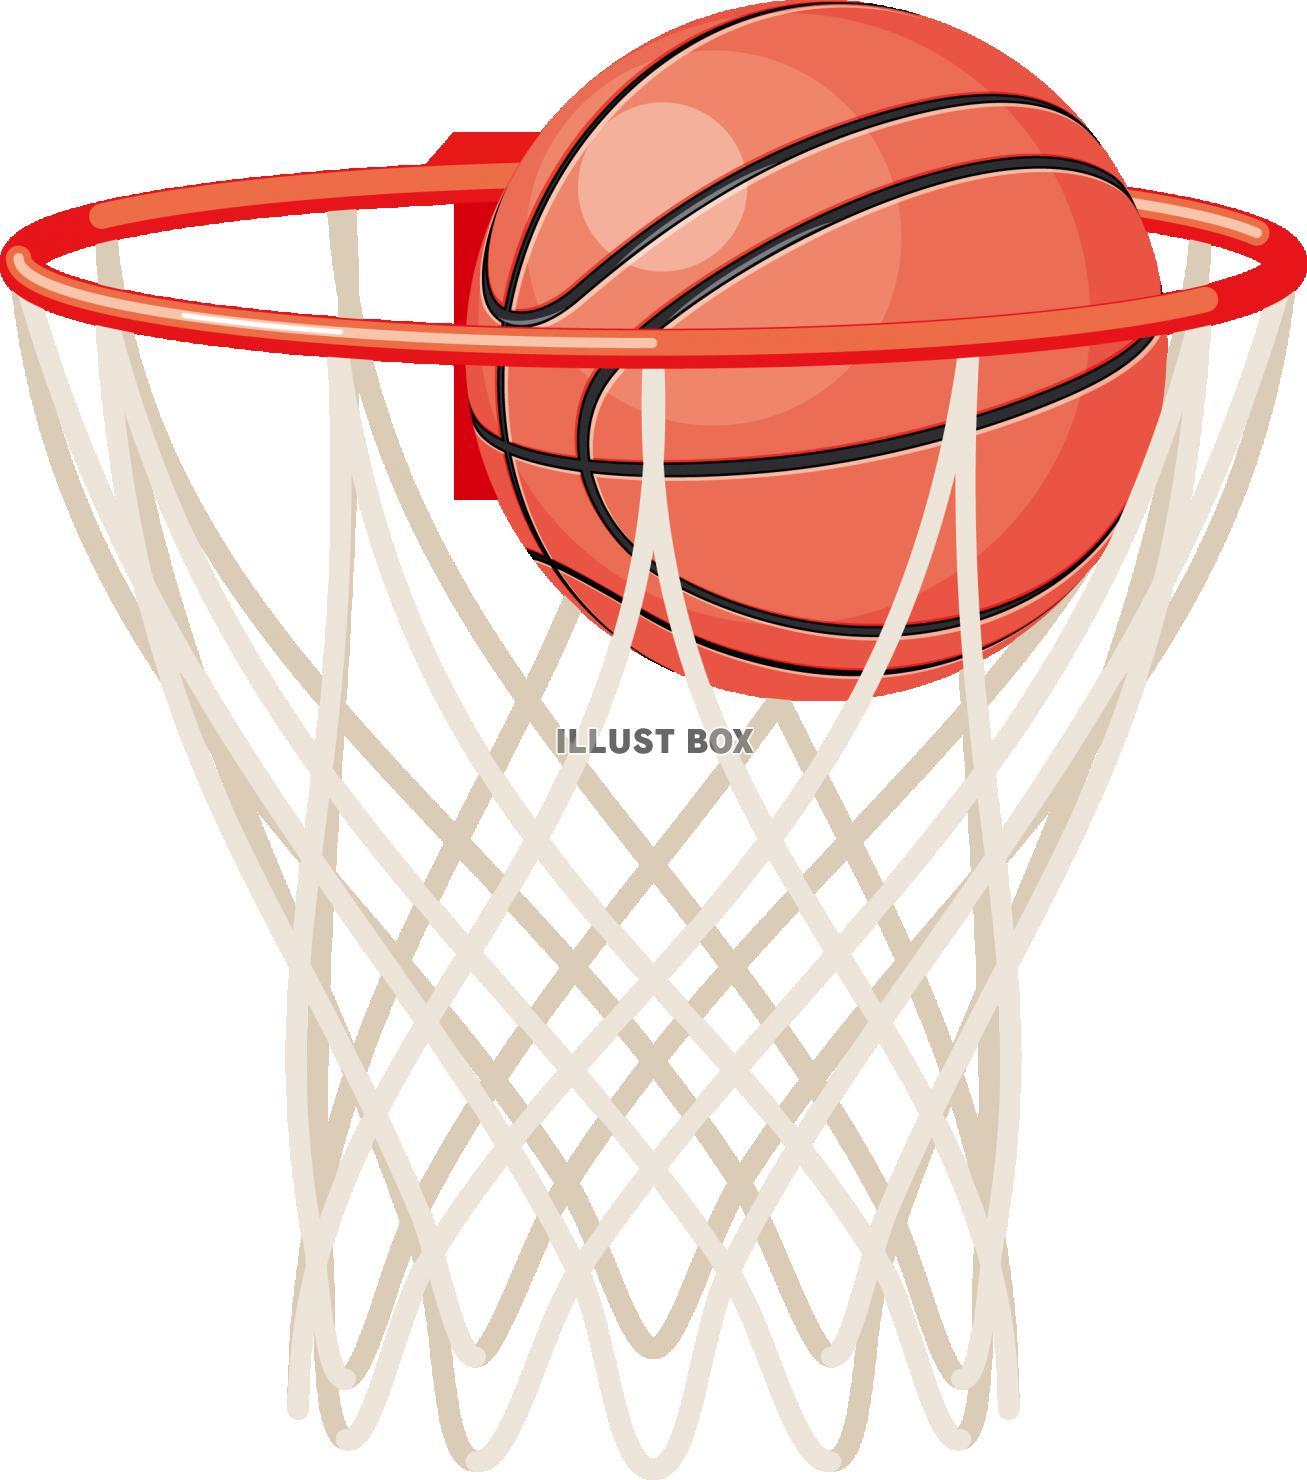 無料イラスト バスケットボール シュート